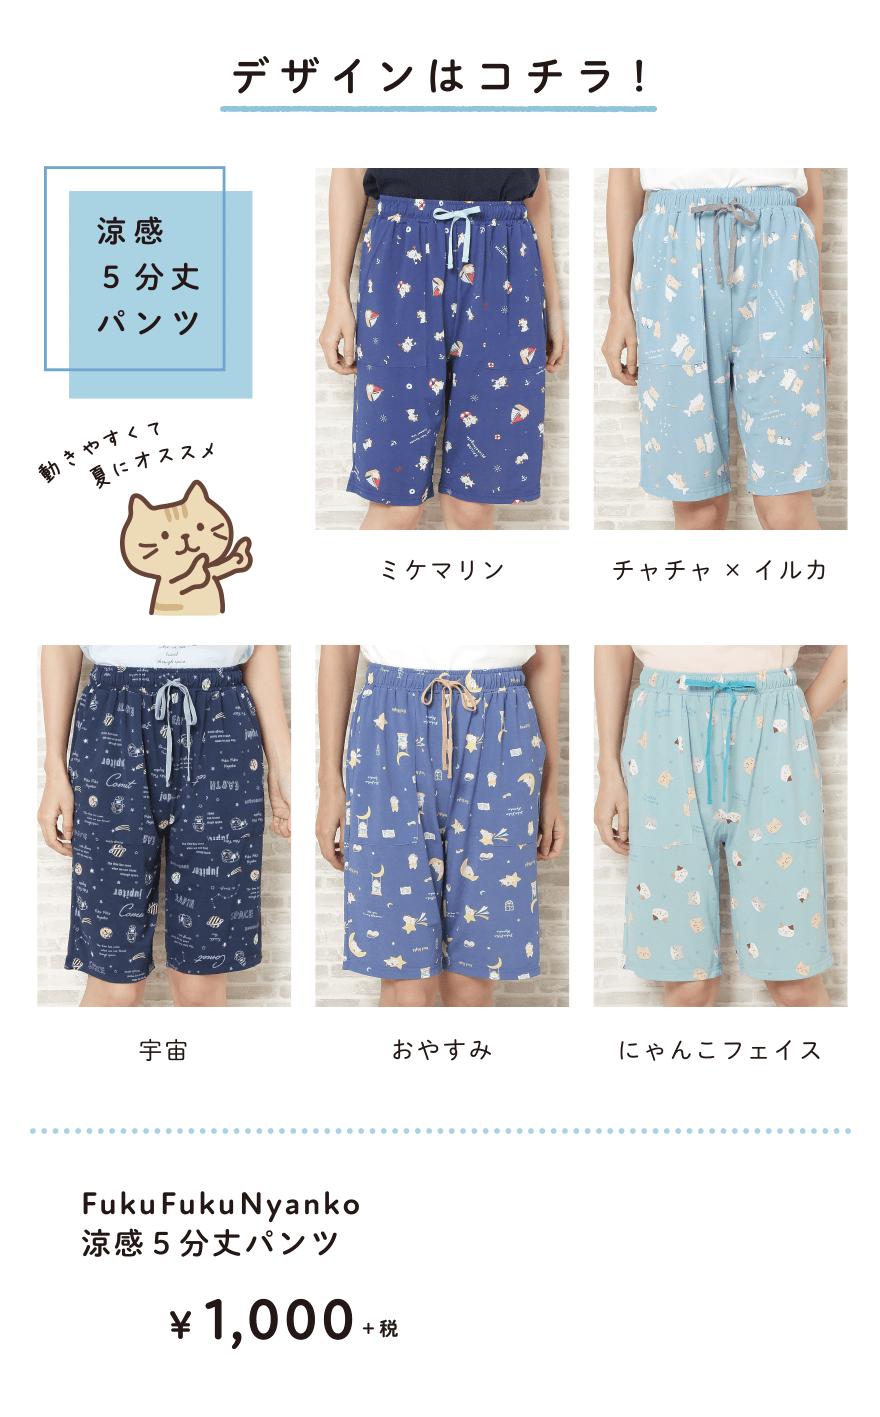 FukuFukuNyanko 涼感5分丈パンツ